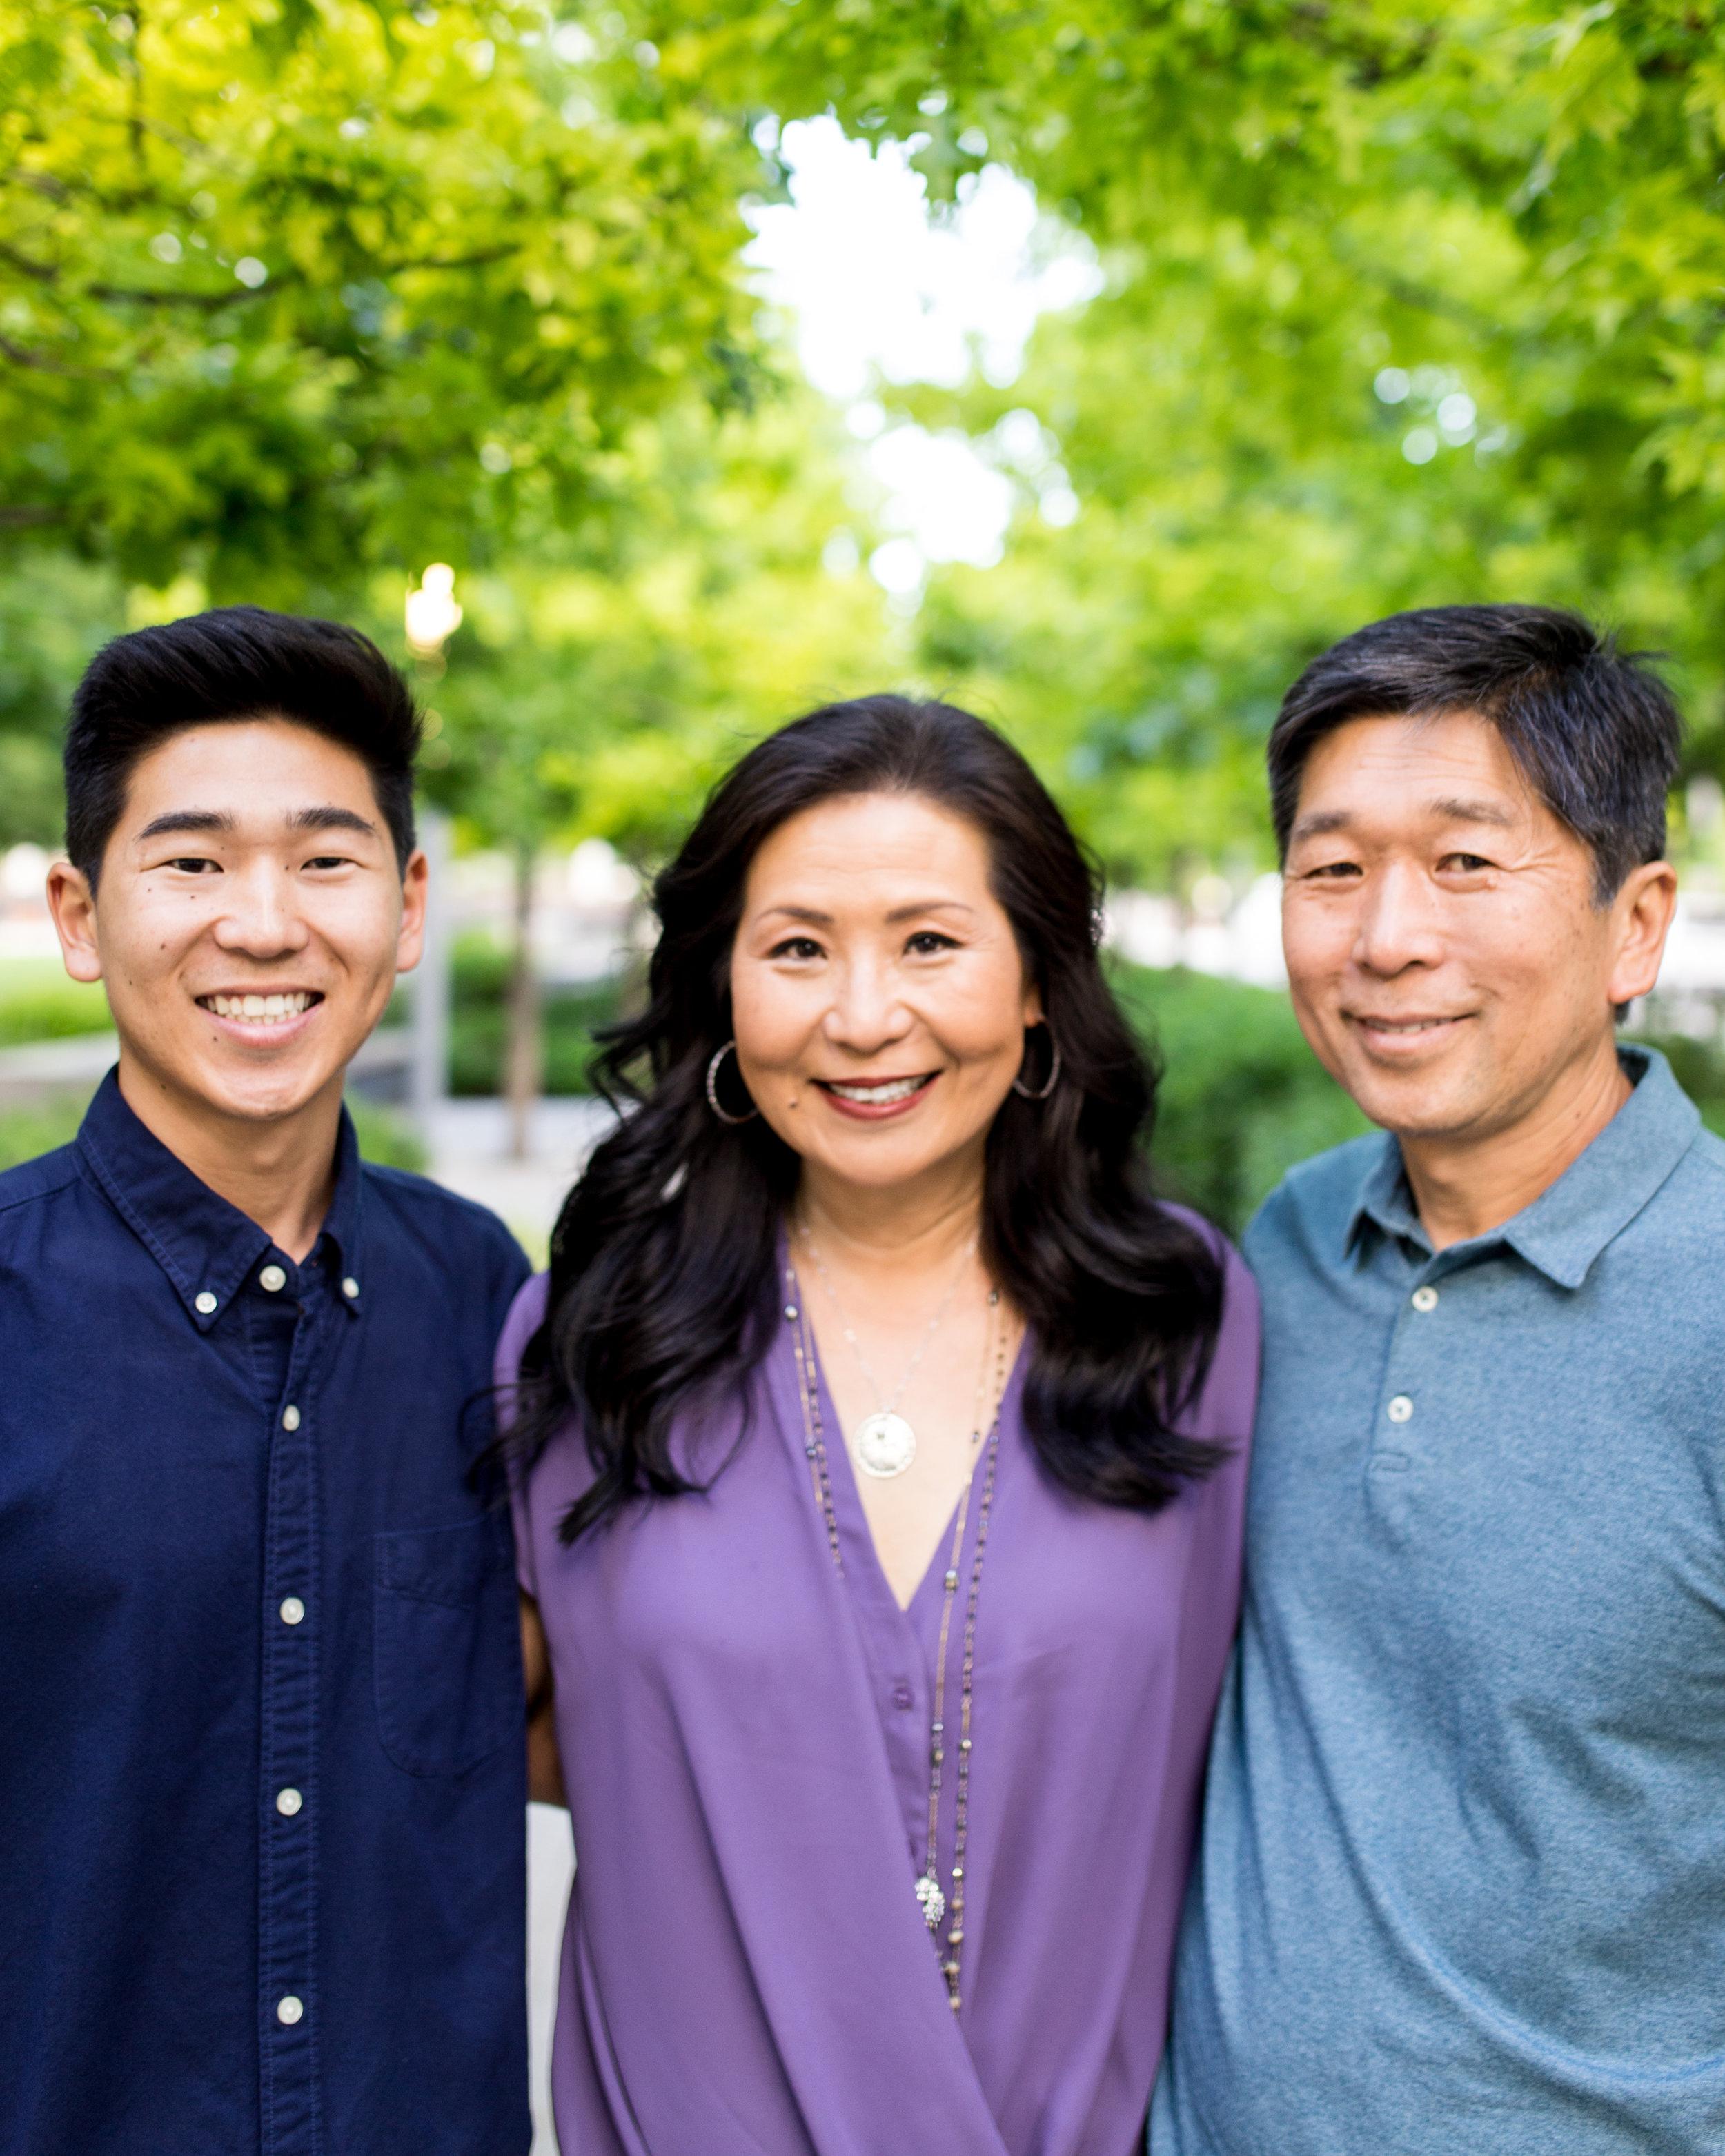 Choi Family 5.17.18 (135 of 227).jpg